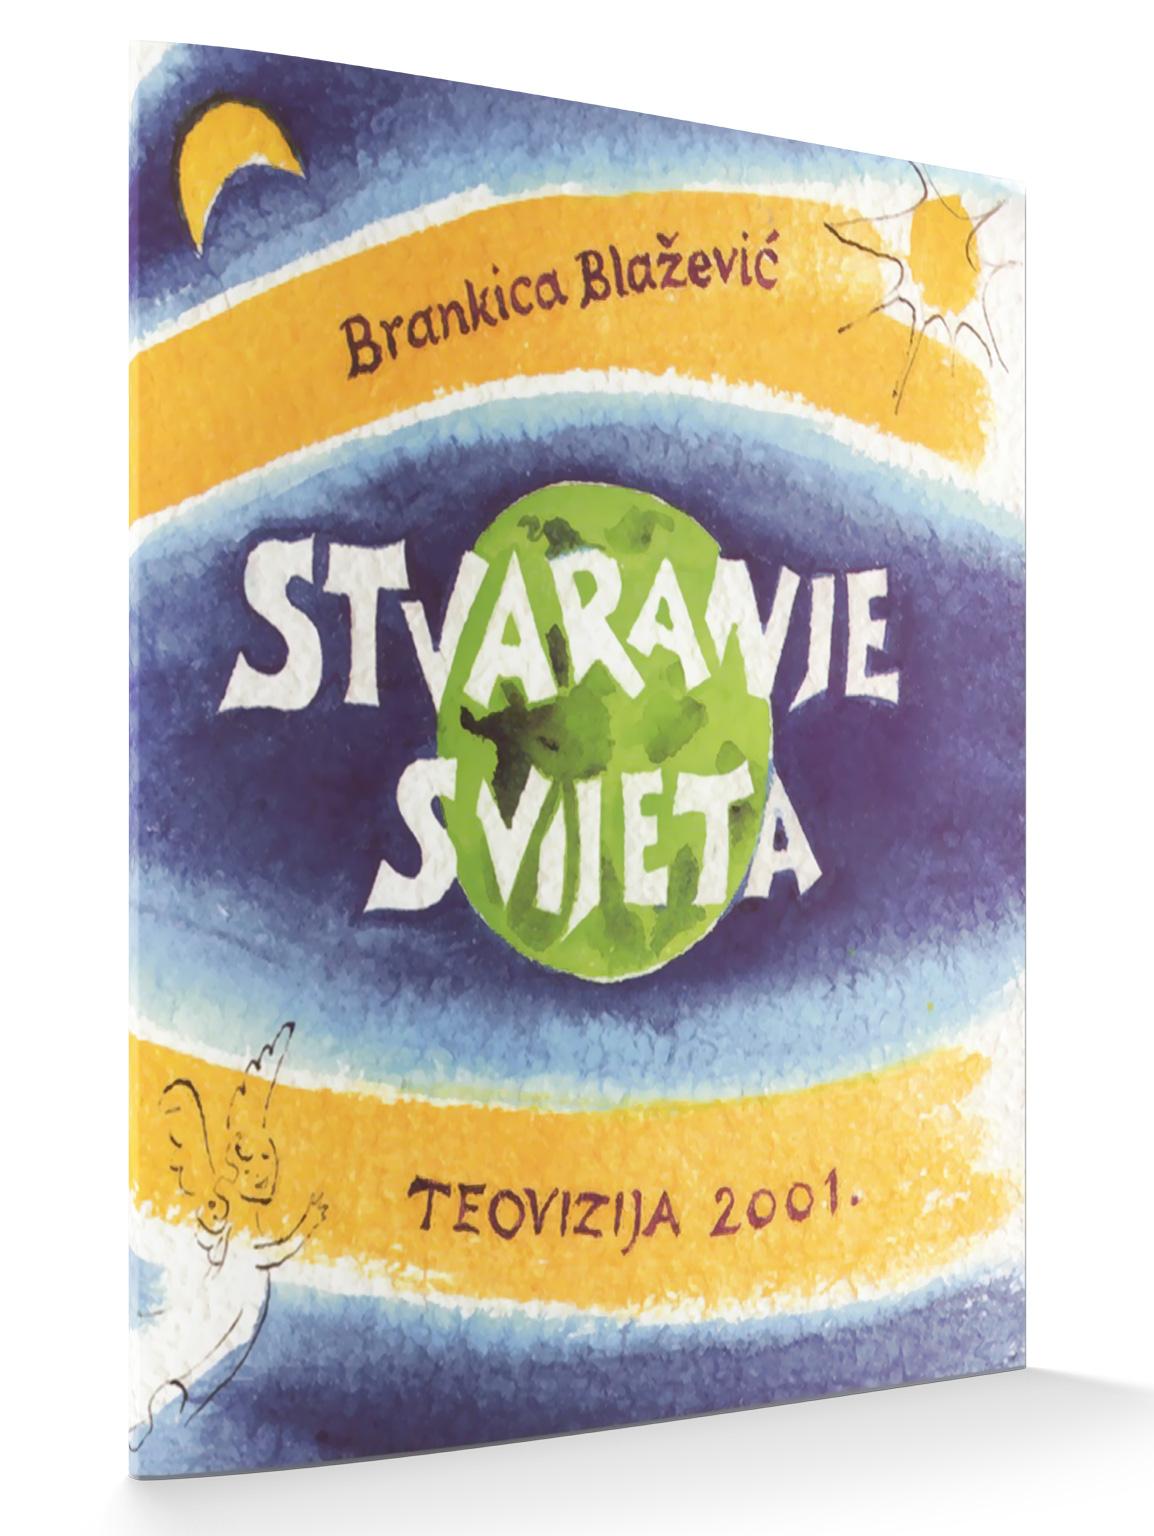 STVARANJE SVIJETA - Brankica Blažević